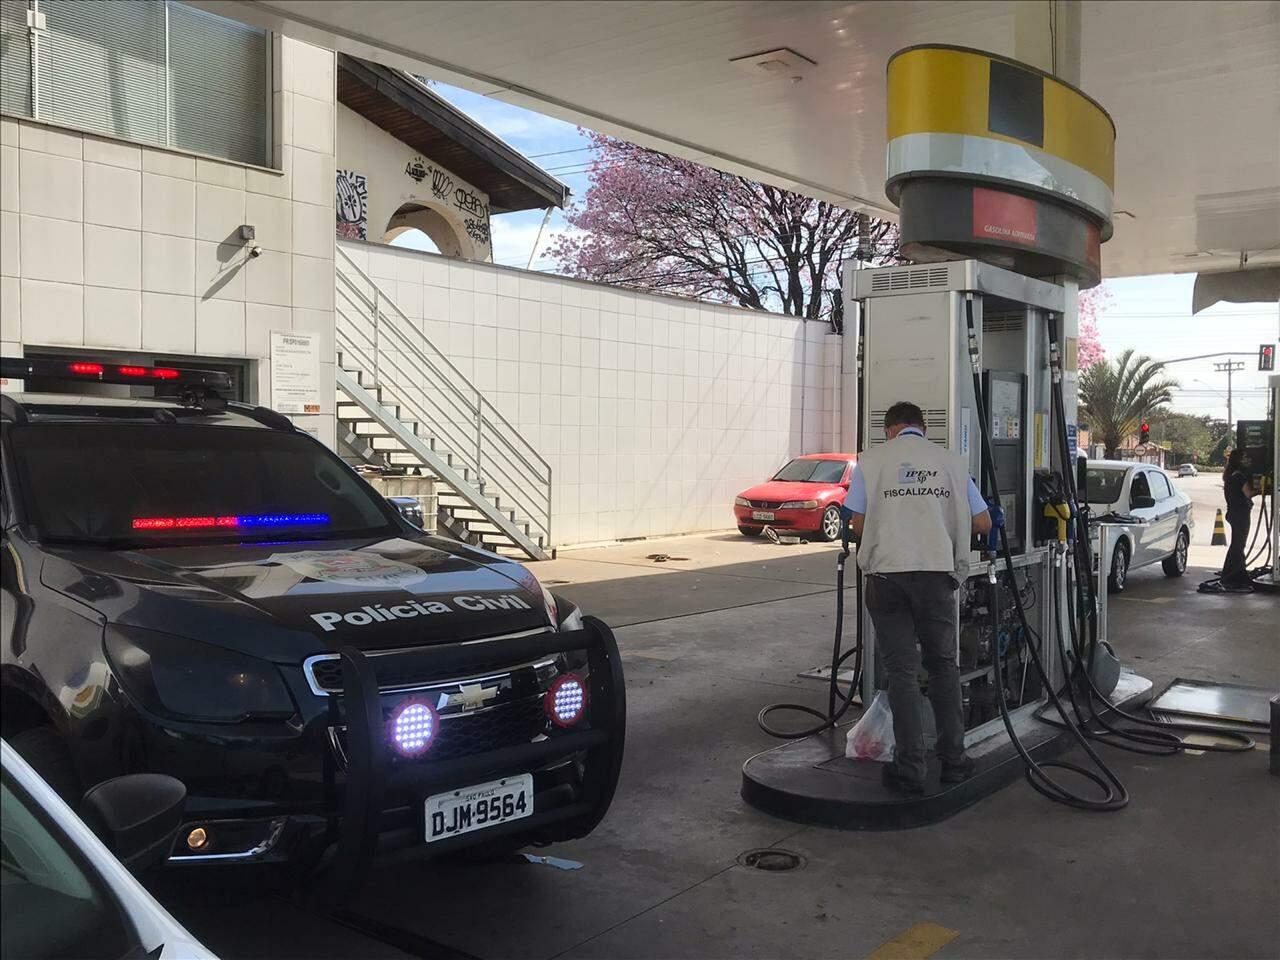 Operação encontra fraude em bomba de combustível de posto em Americana